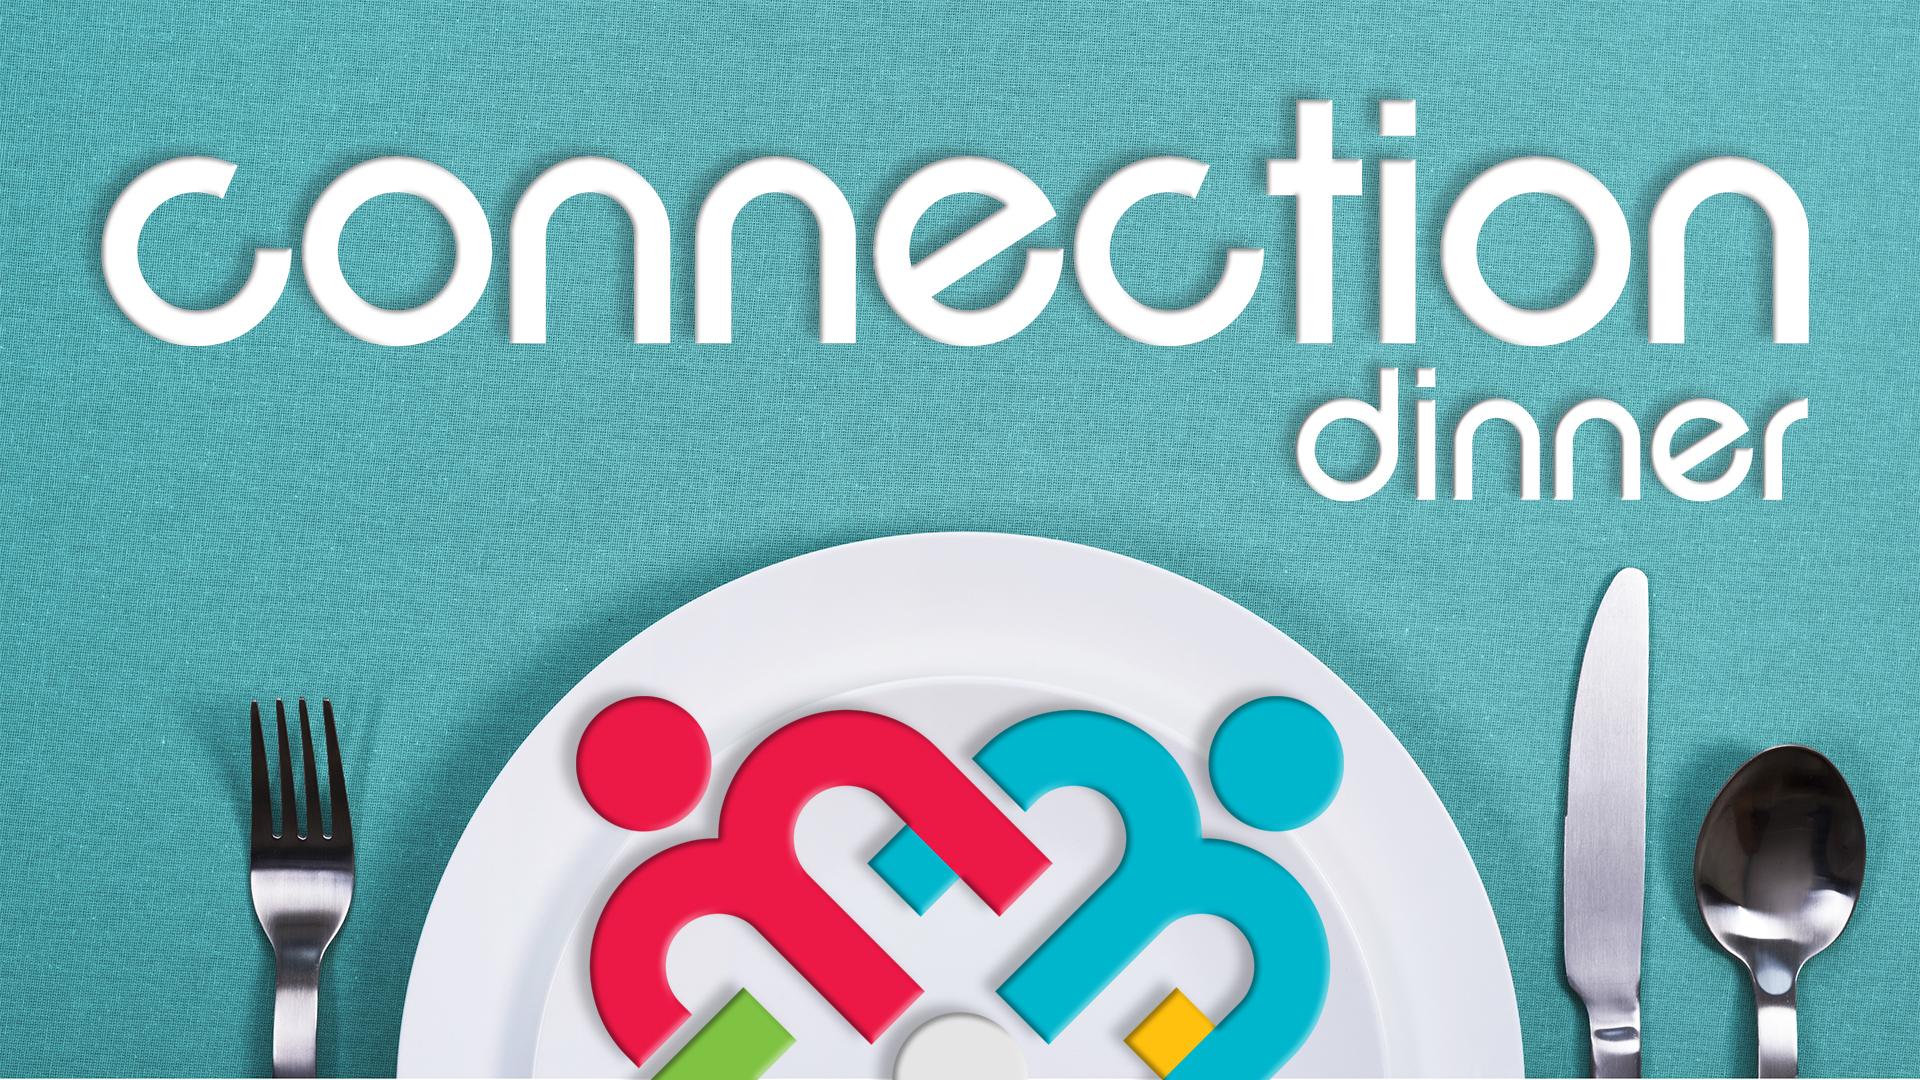 Promo_ConnectionDinner.jpg